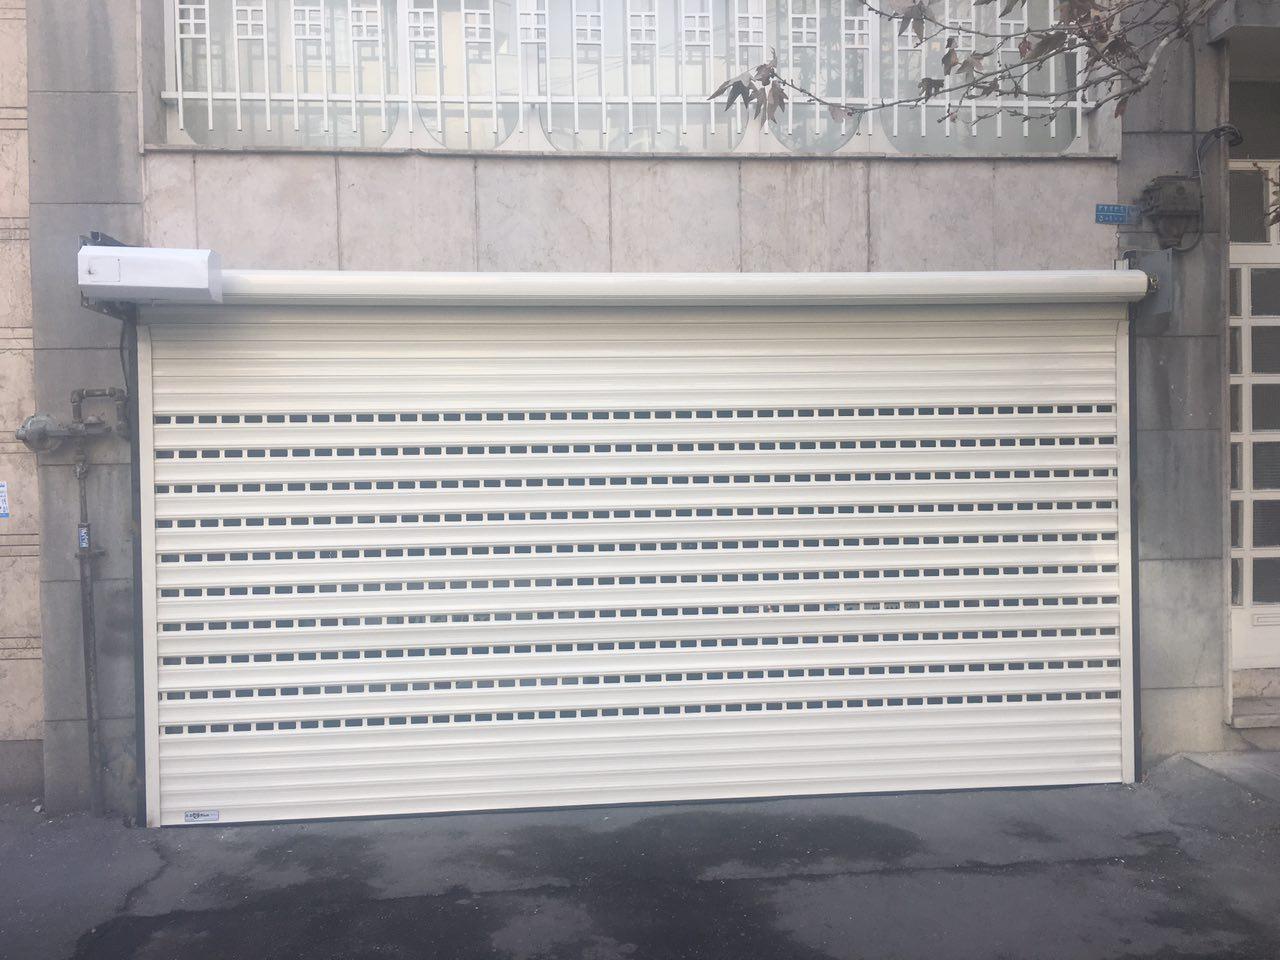 درب و کرکره اتوماتیک عباسی | طراحی و ساخت درب و کرکره اتوماتیک و تعمیرات تخصصی